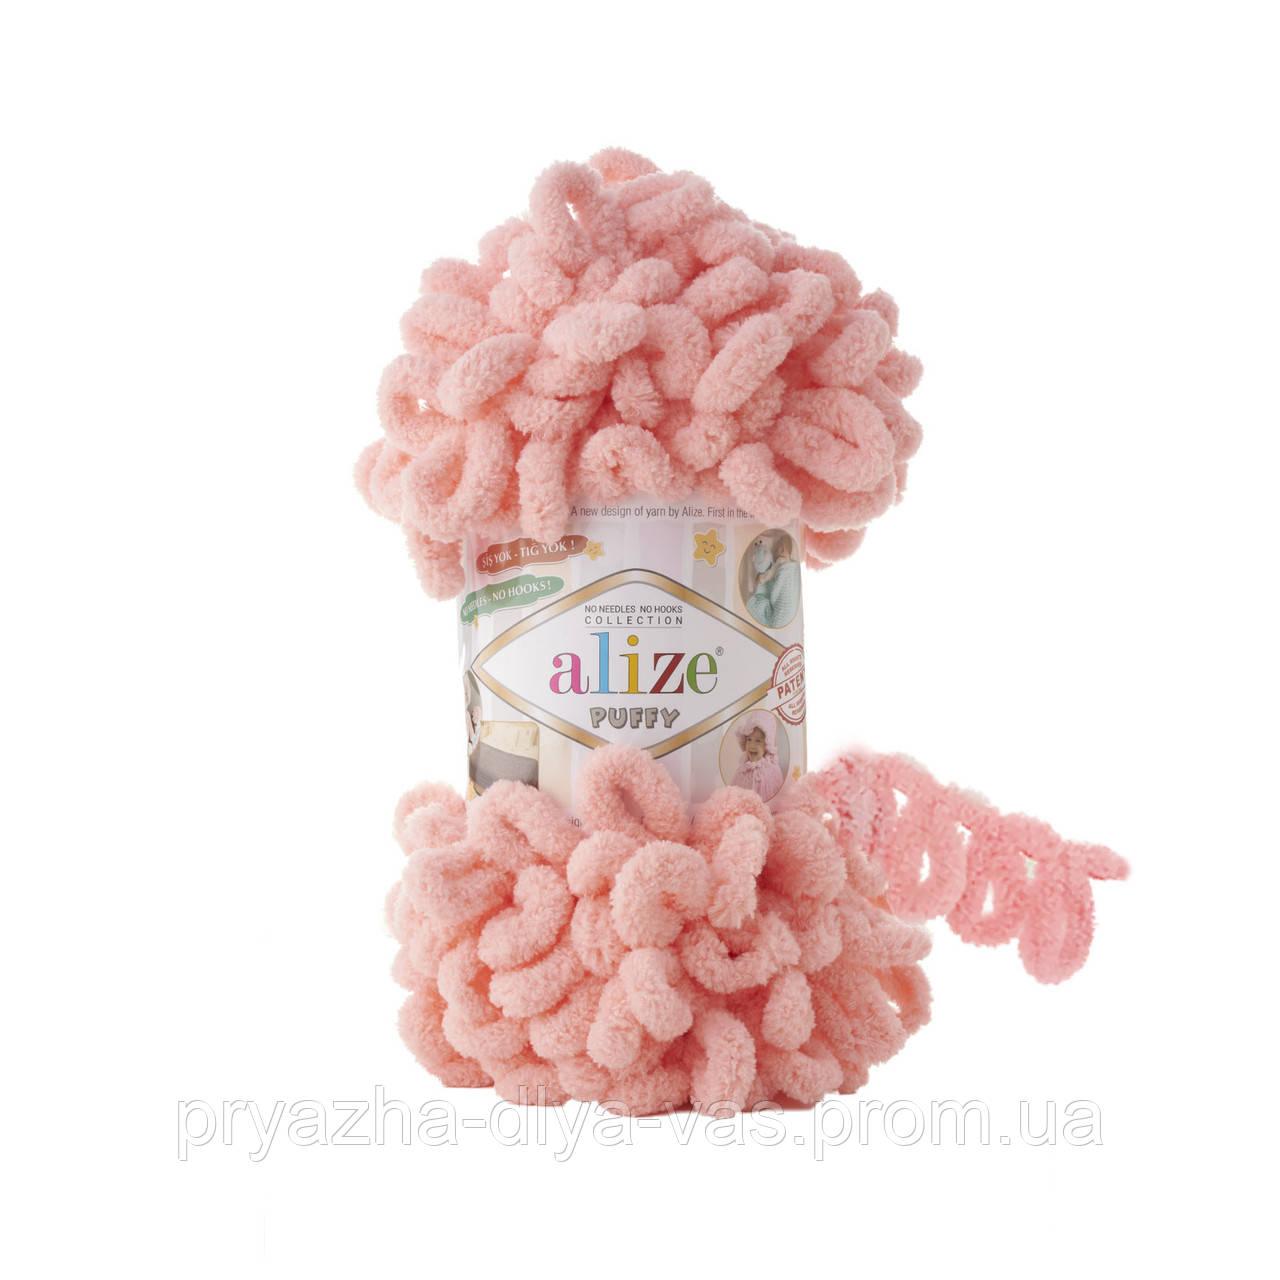 Пряжа для вязания руками (100%-микрополиэстер, 100г/9,2м) Alize PUFFY 529 (персиковый)